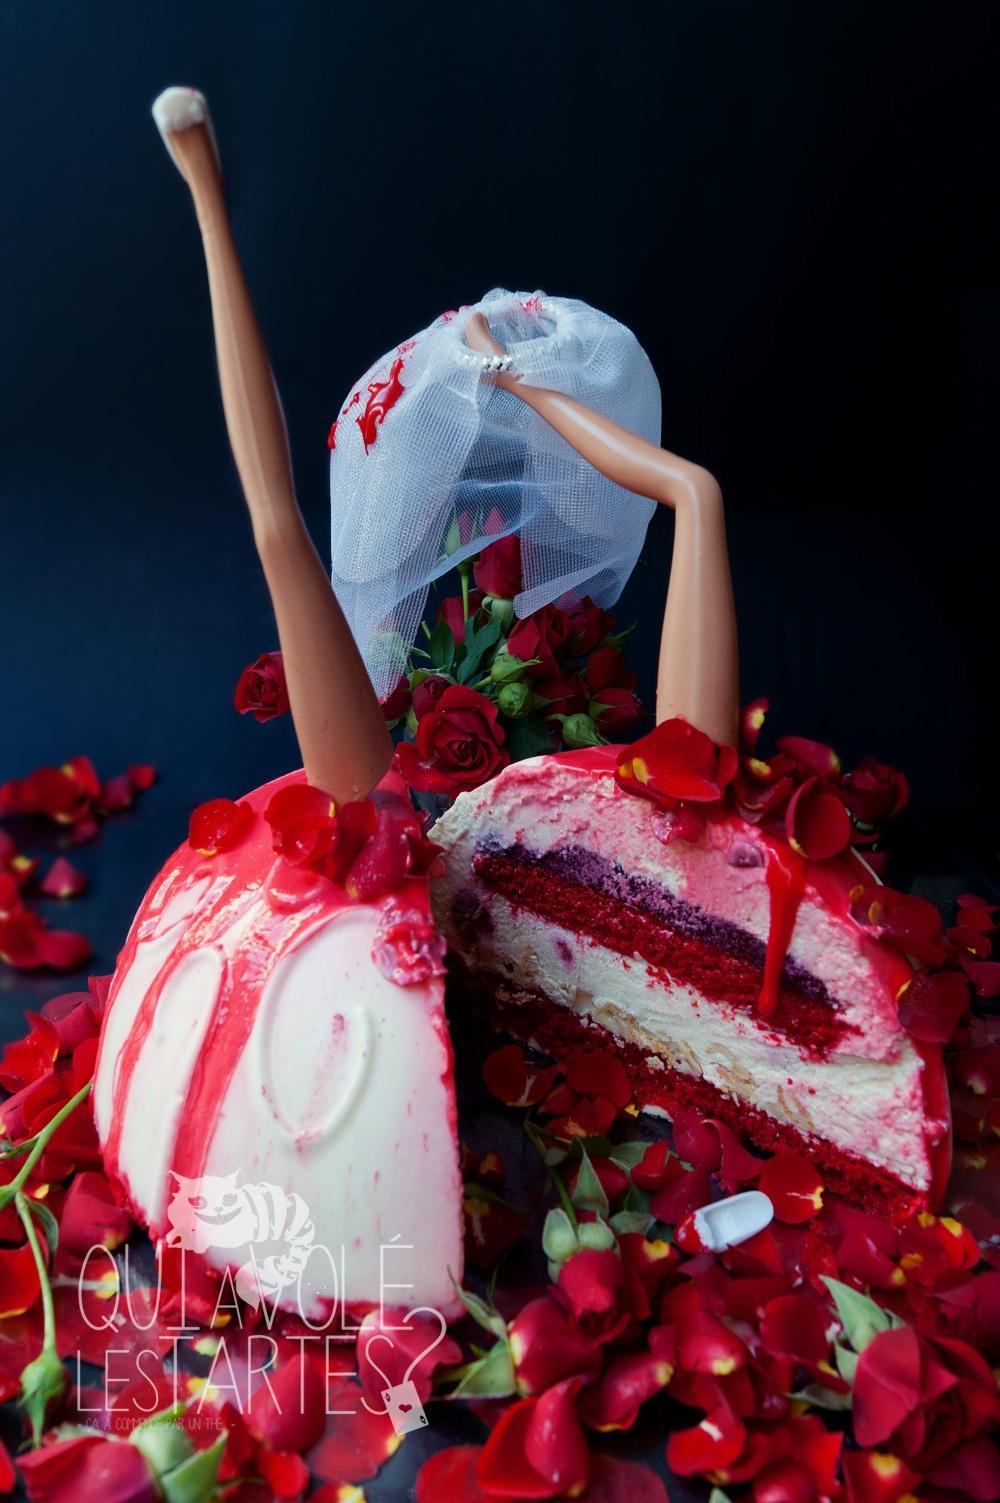 Corpse Bride 3 - Studio 2 création - Qui a volé les tartes